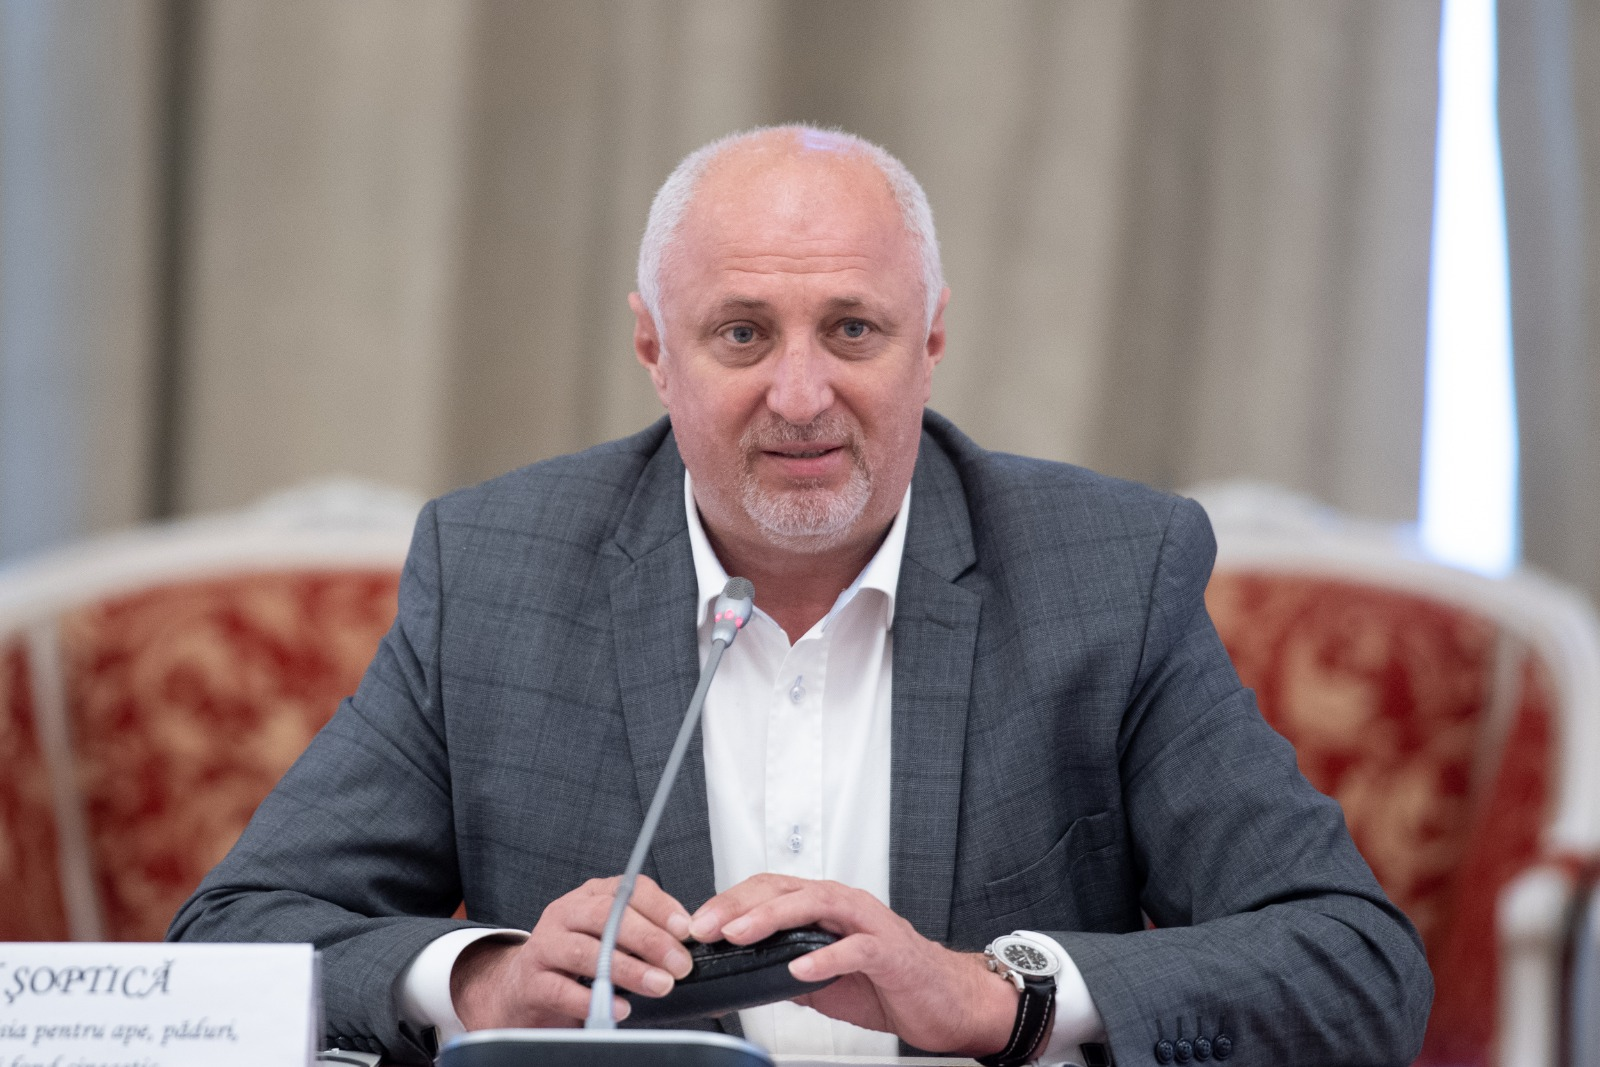 Vicepremierul Raluca Turcan și ministrul Fondurilor Europene, Marcel Boloș vor ajunge marți la Botosani